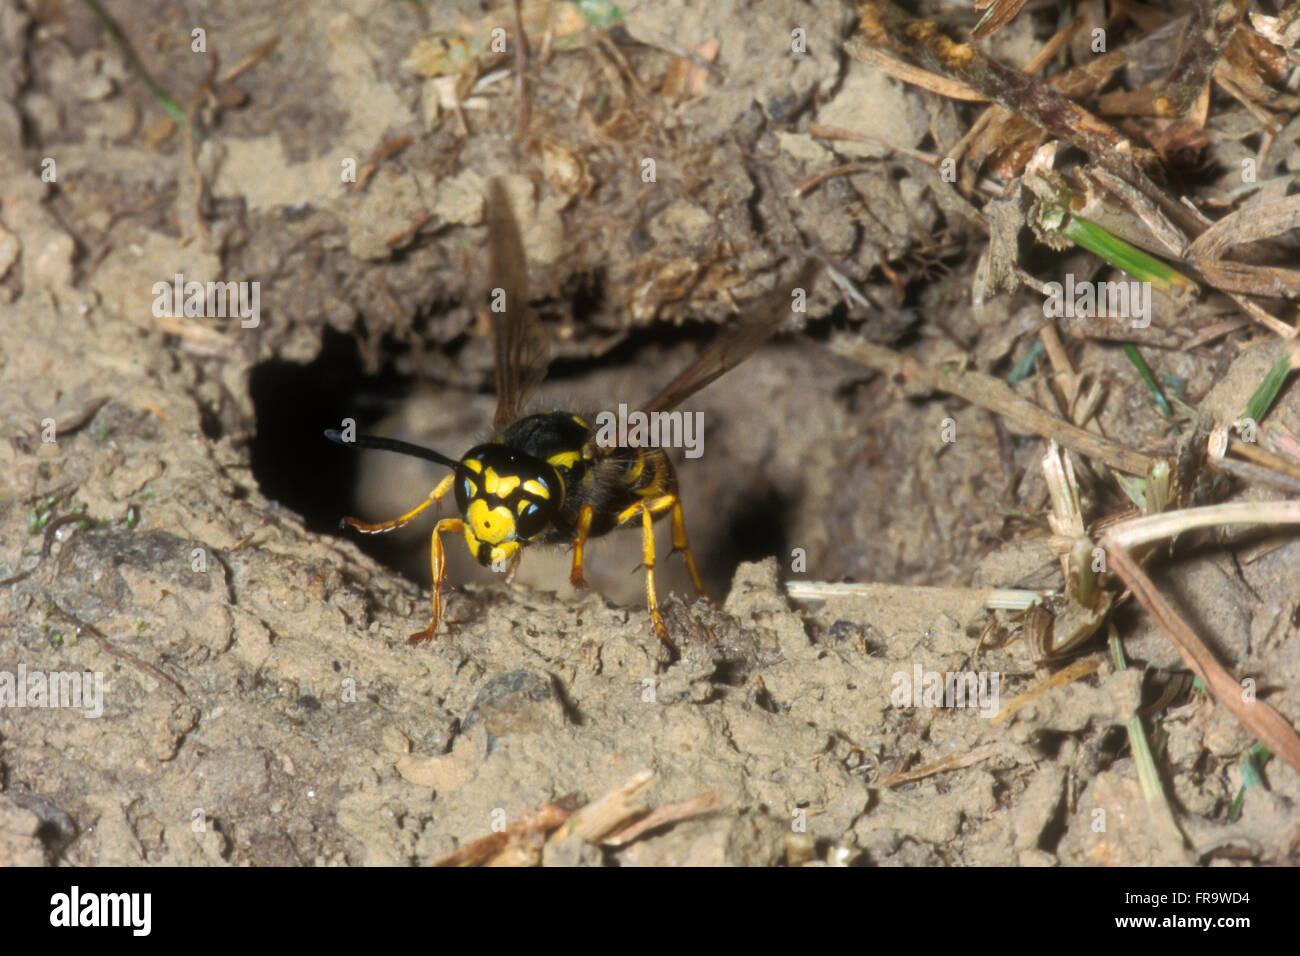 wasp nest in ground - HD1300×956